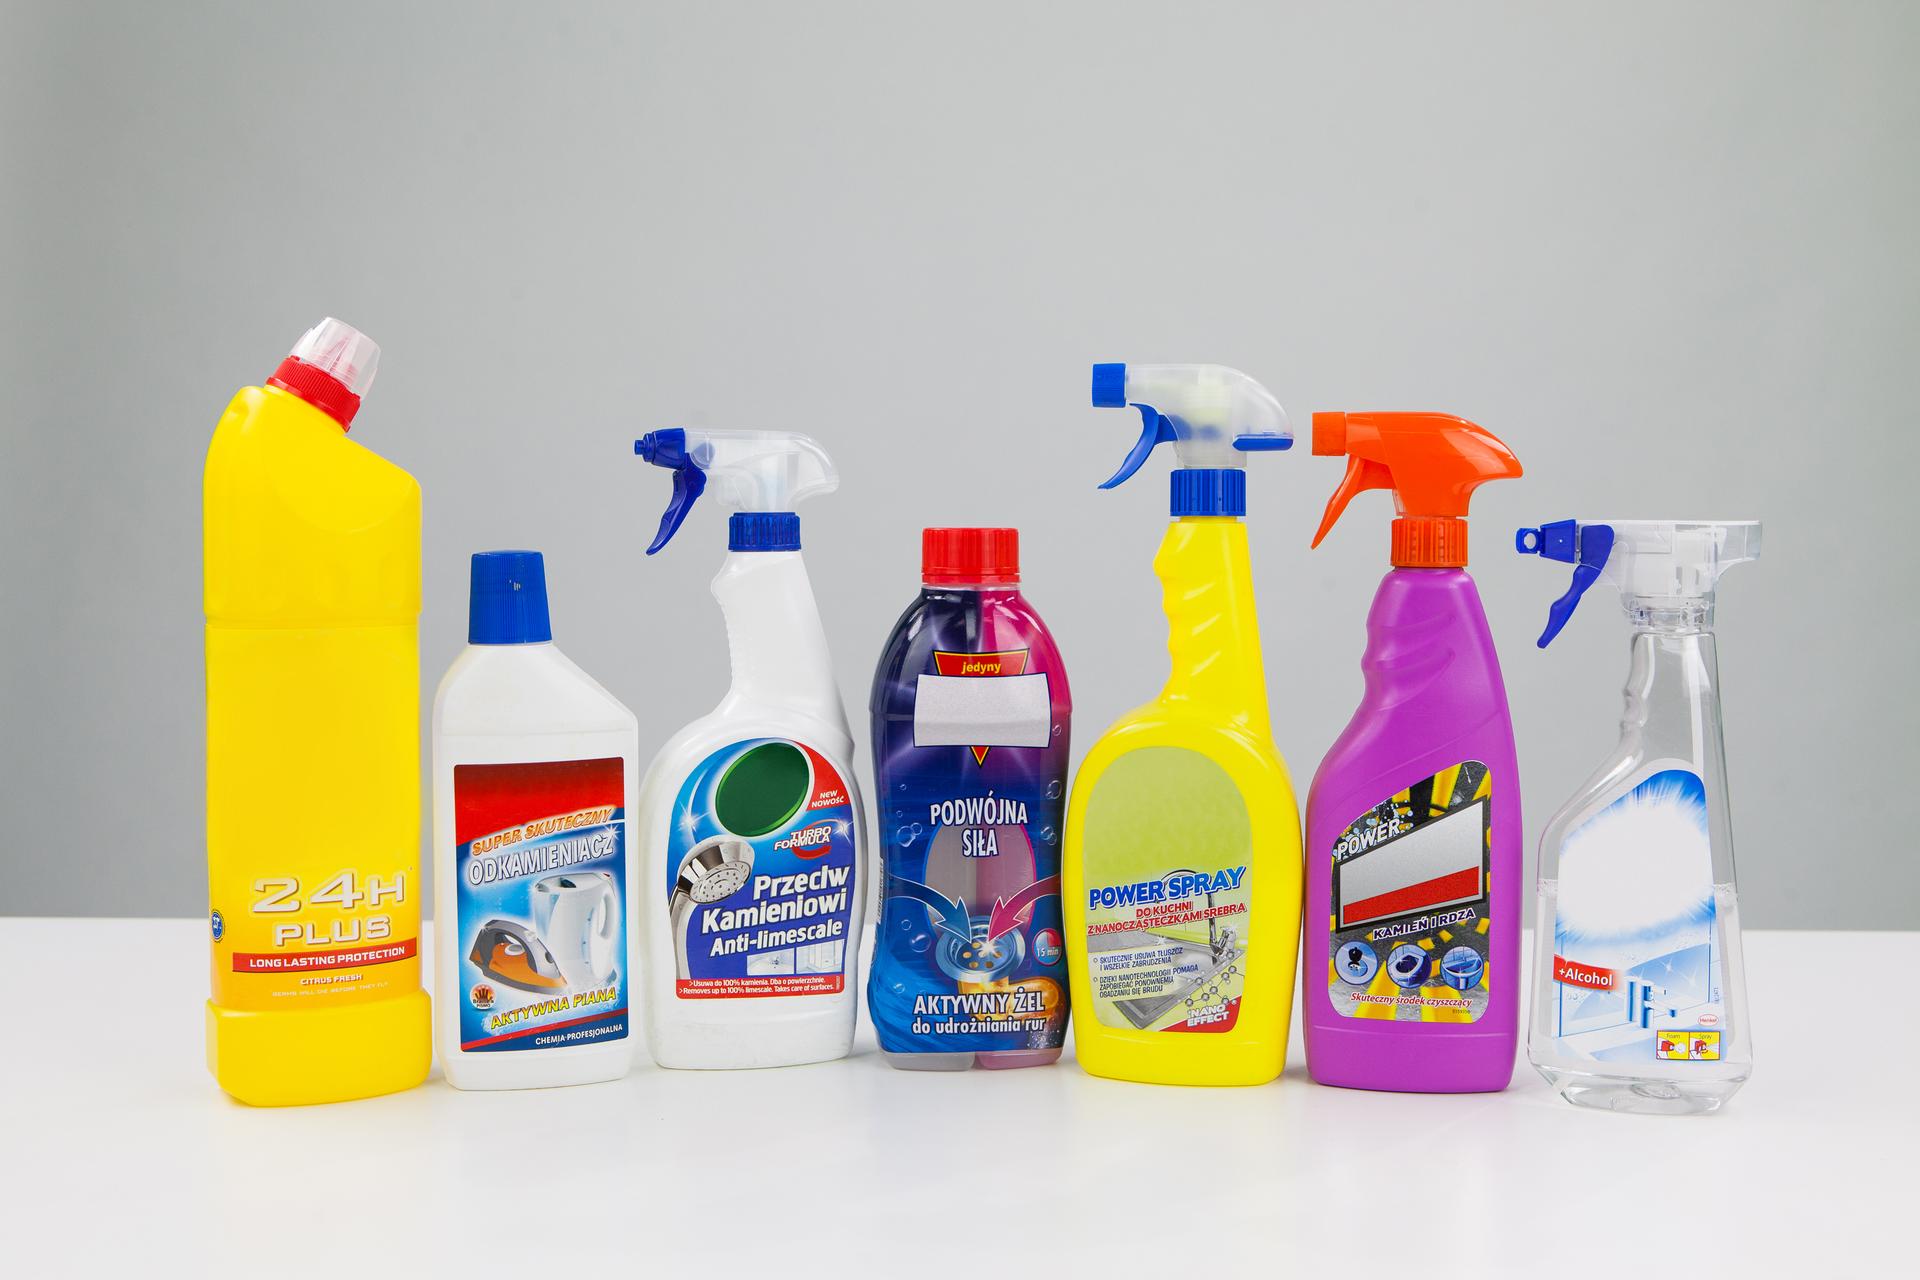 Hurtownia Chemii Gospodarczej - Środki czystośći, Sprzęt do sprzątania i Chemia profesjonalna MxDCF9H8gCPEXgOKJdubCgSGU2JWJjY2